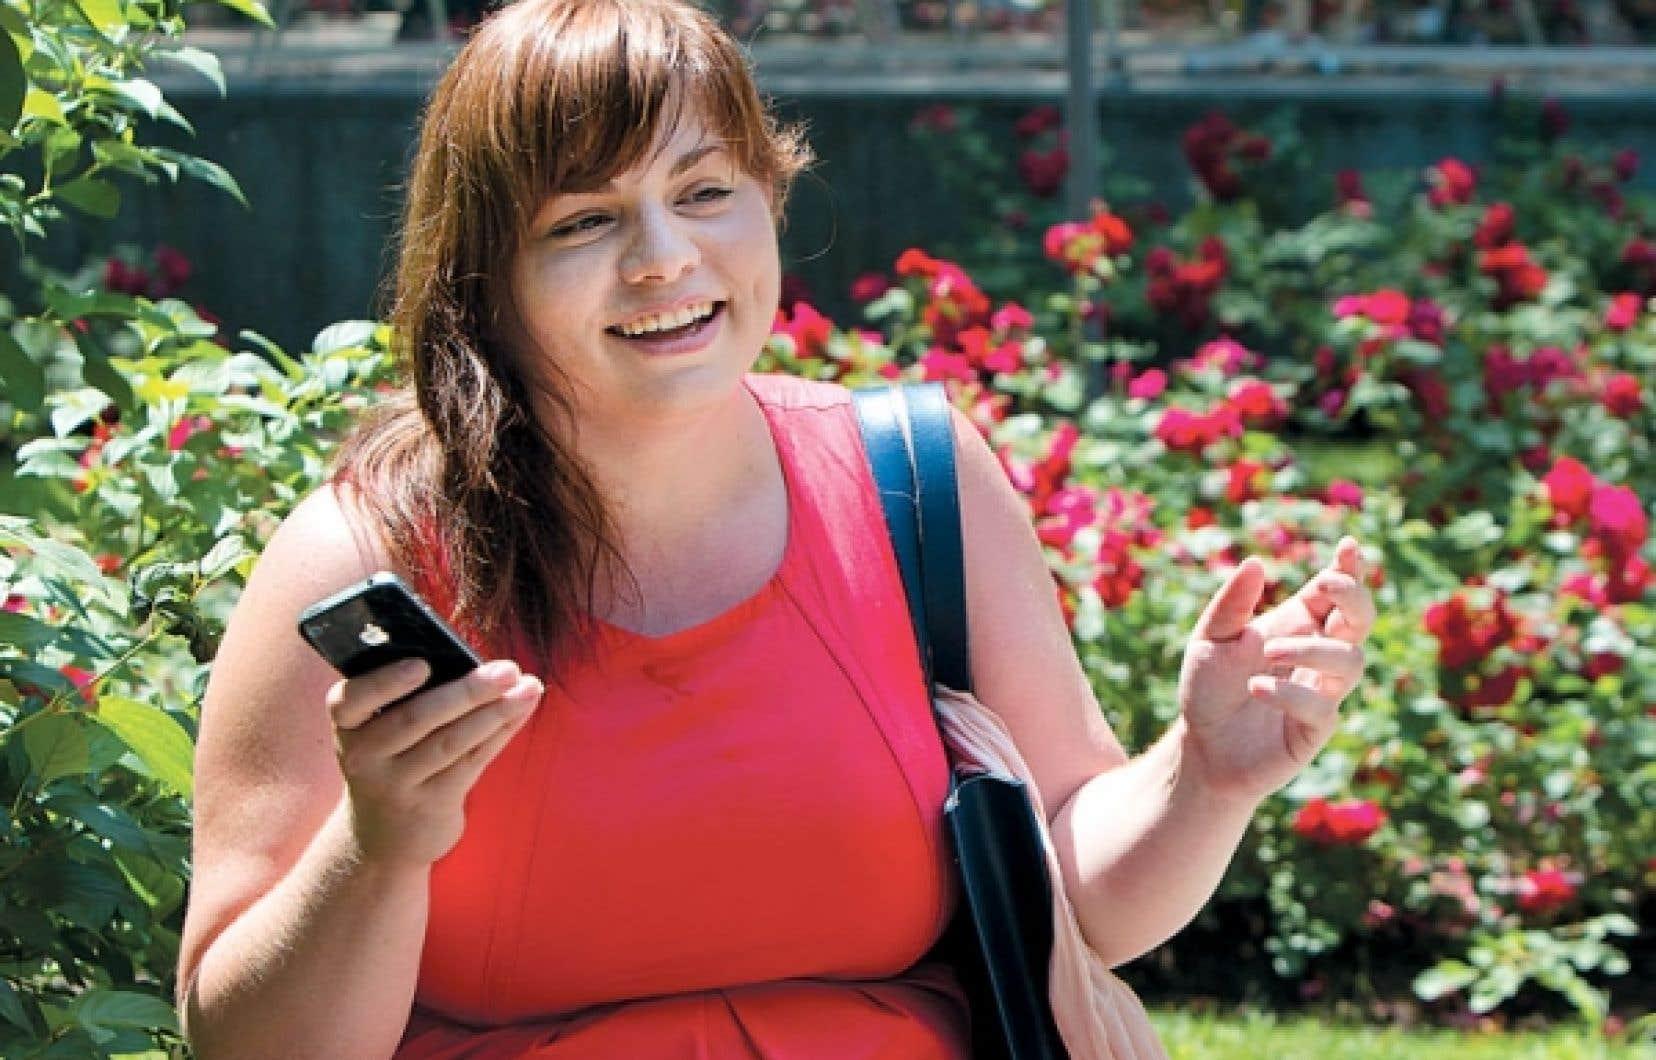 <div> Marie-Andr&eacute;e Larivi&egrave;re: &laquo;Twiter est un outil qui permet d&rsquo;exprimer l&rsquo;instant.&raquo;</div>